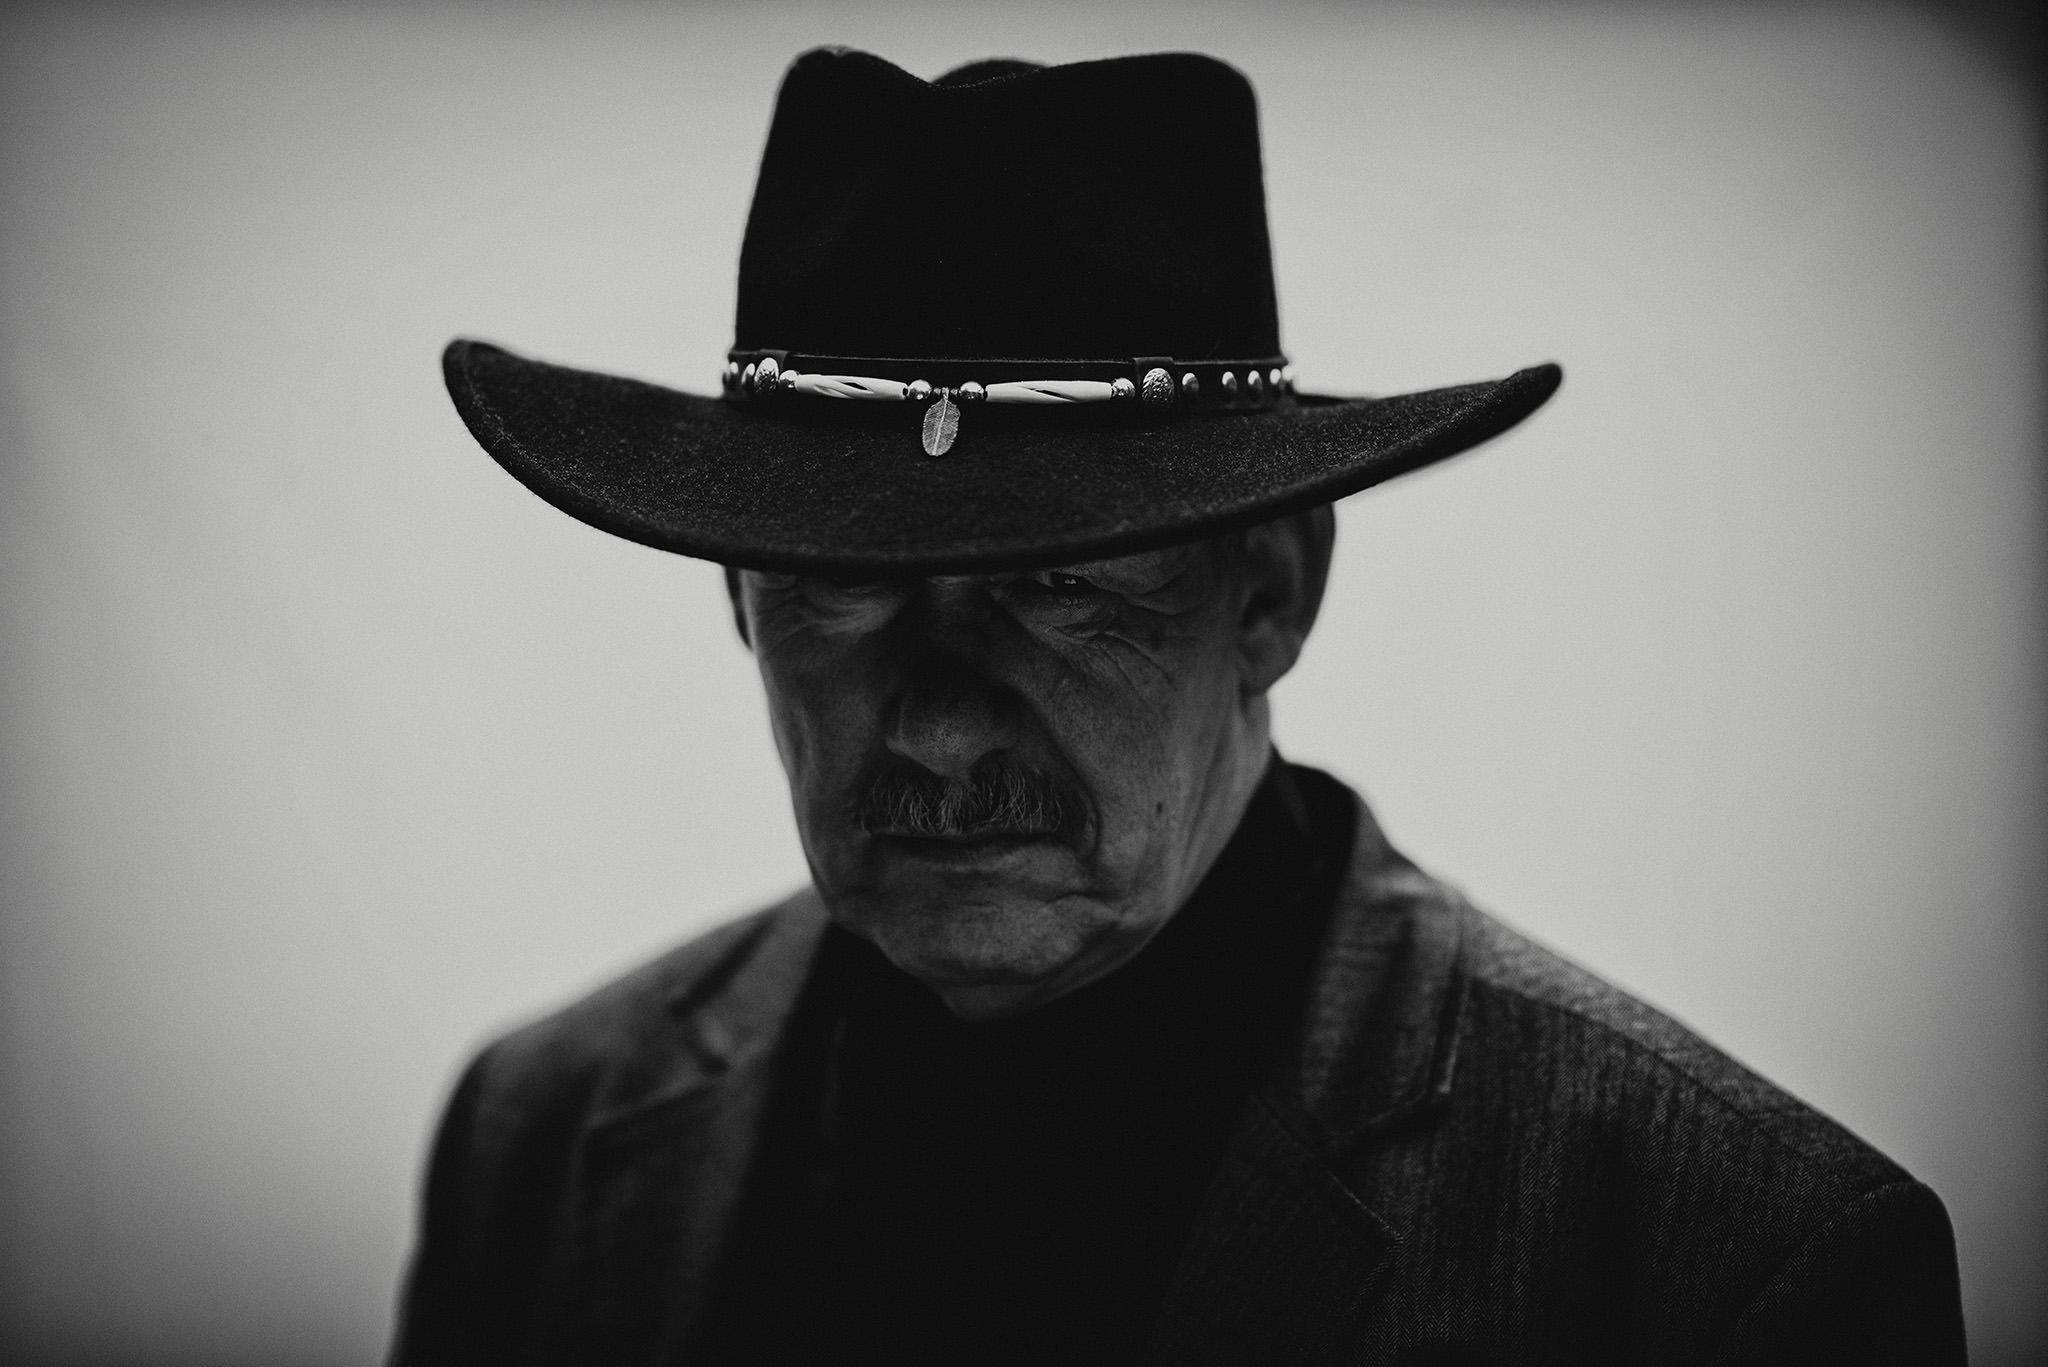 Cowboy portræt